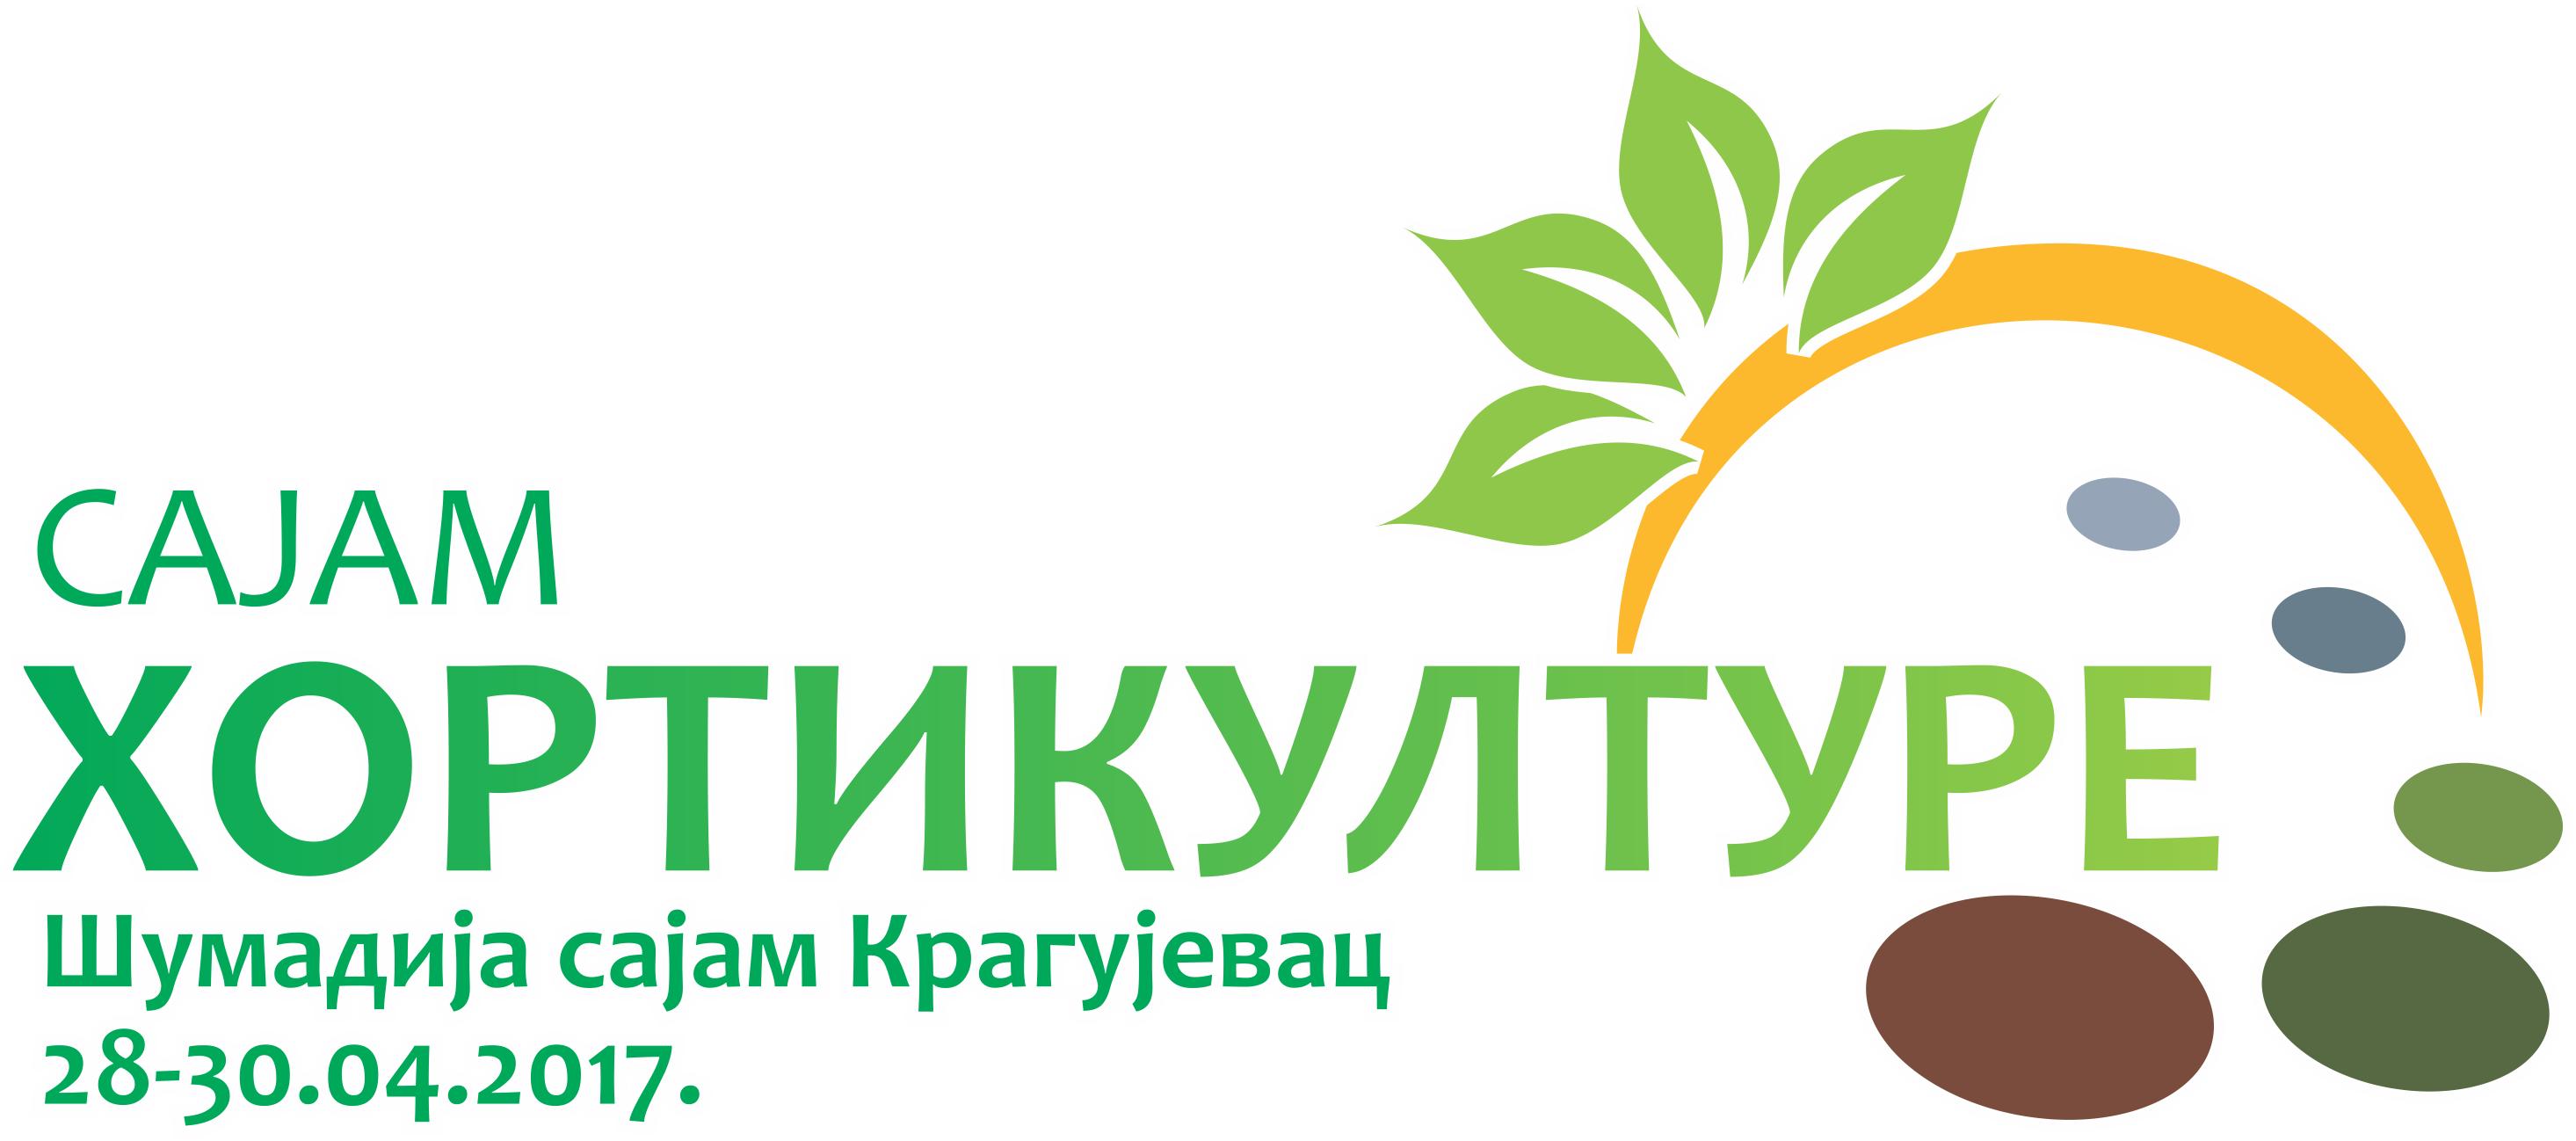 sajam hortikulture 2017